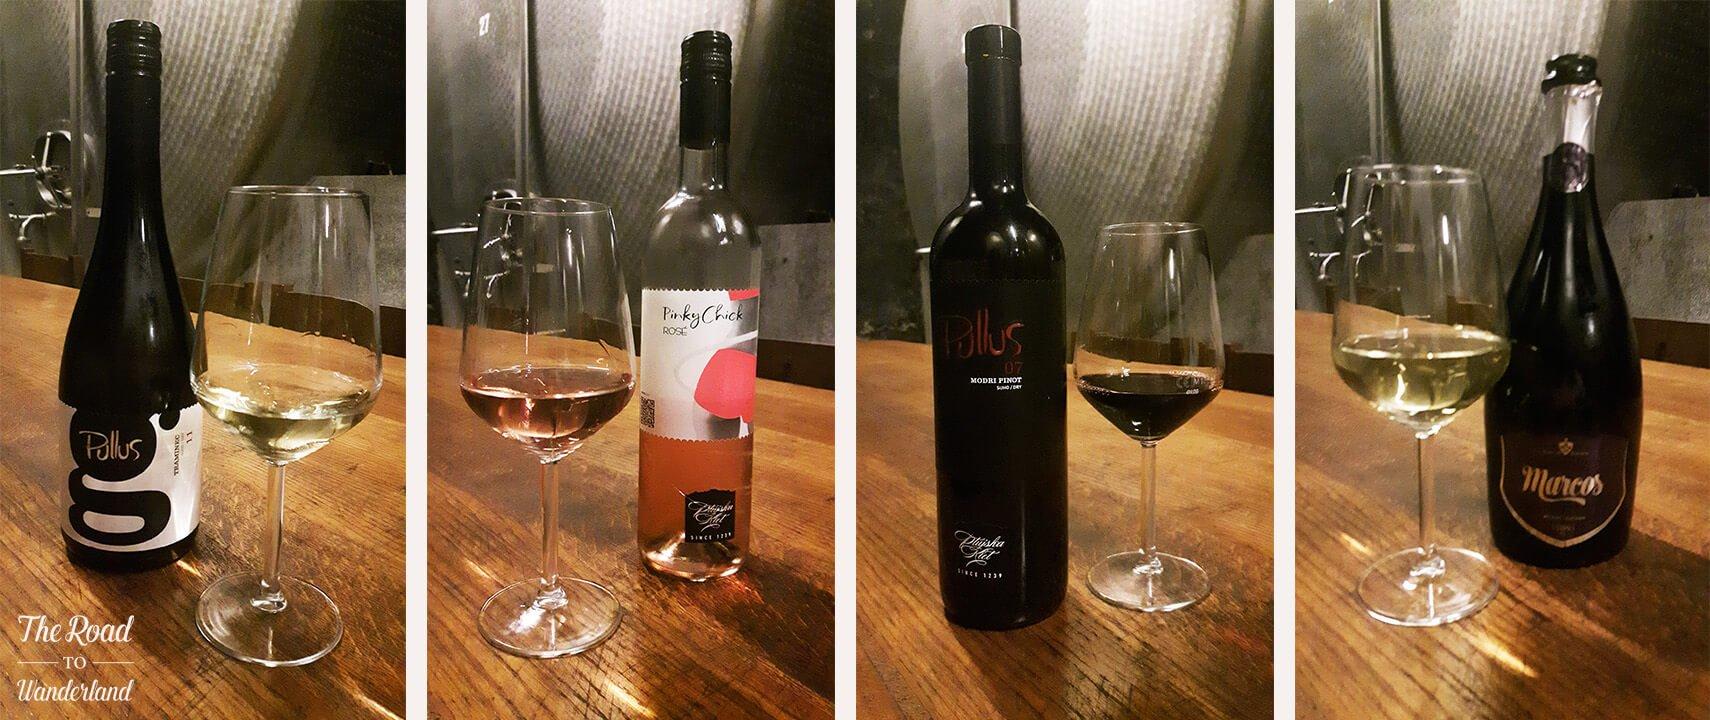 Wine tasting in the Vinag wine cellar